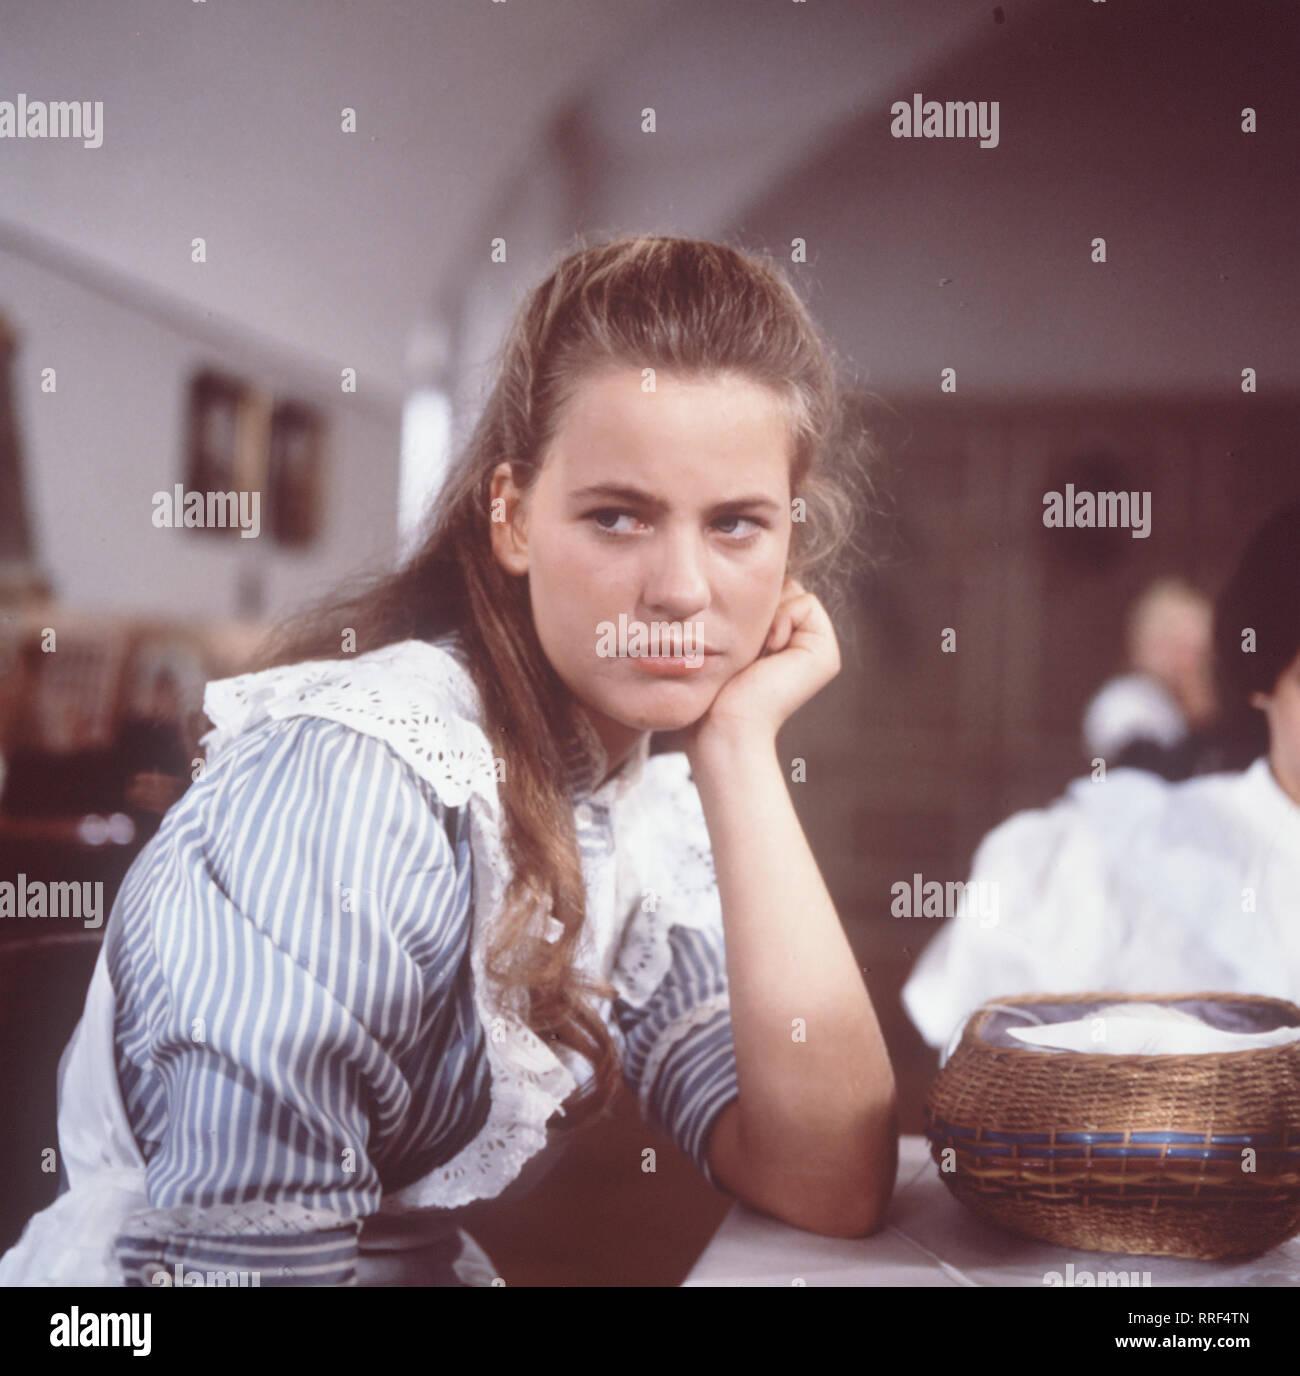 DER Folge TROTZKOPF: Das Gespenst Ilse (ANJA SCHÜTE) kann sich nicht un das Ospiti int gewöhnen und riskiert mit nächtlichen Streichen ihren Hinauswurf ... aka. Das Gespenst 3 / Überschrift: DER TROTZKOPF / BRD 1983 Immagini Stock